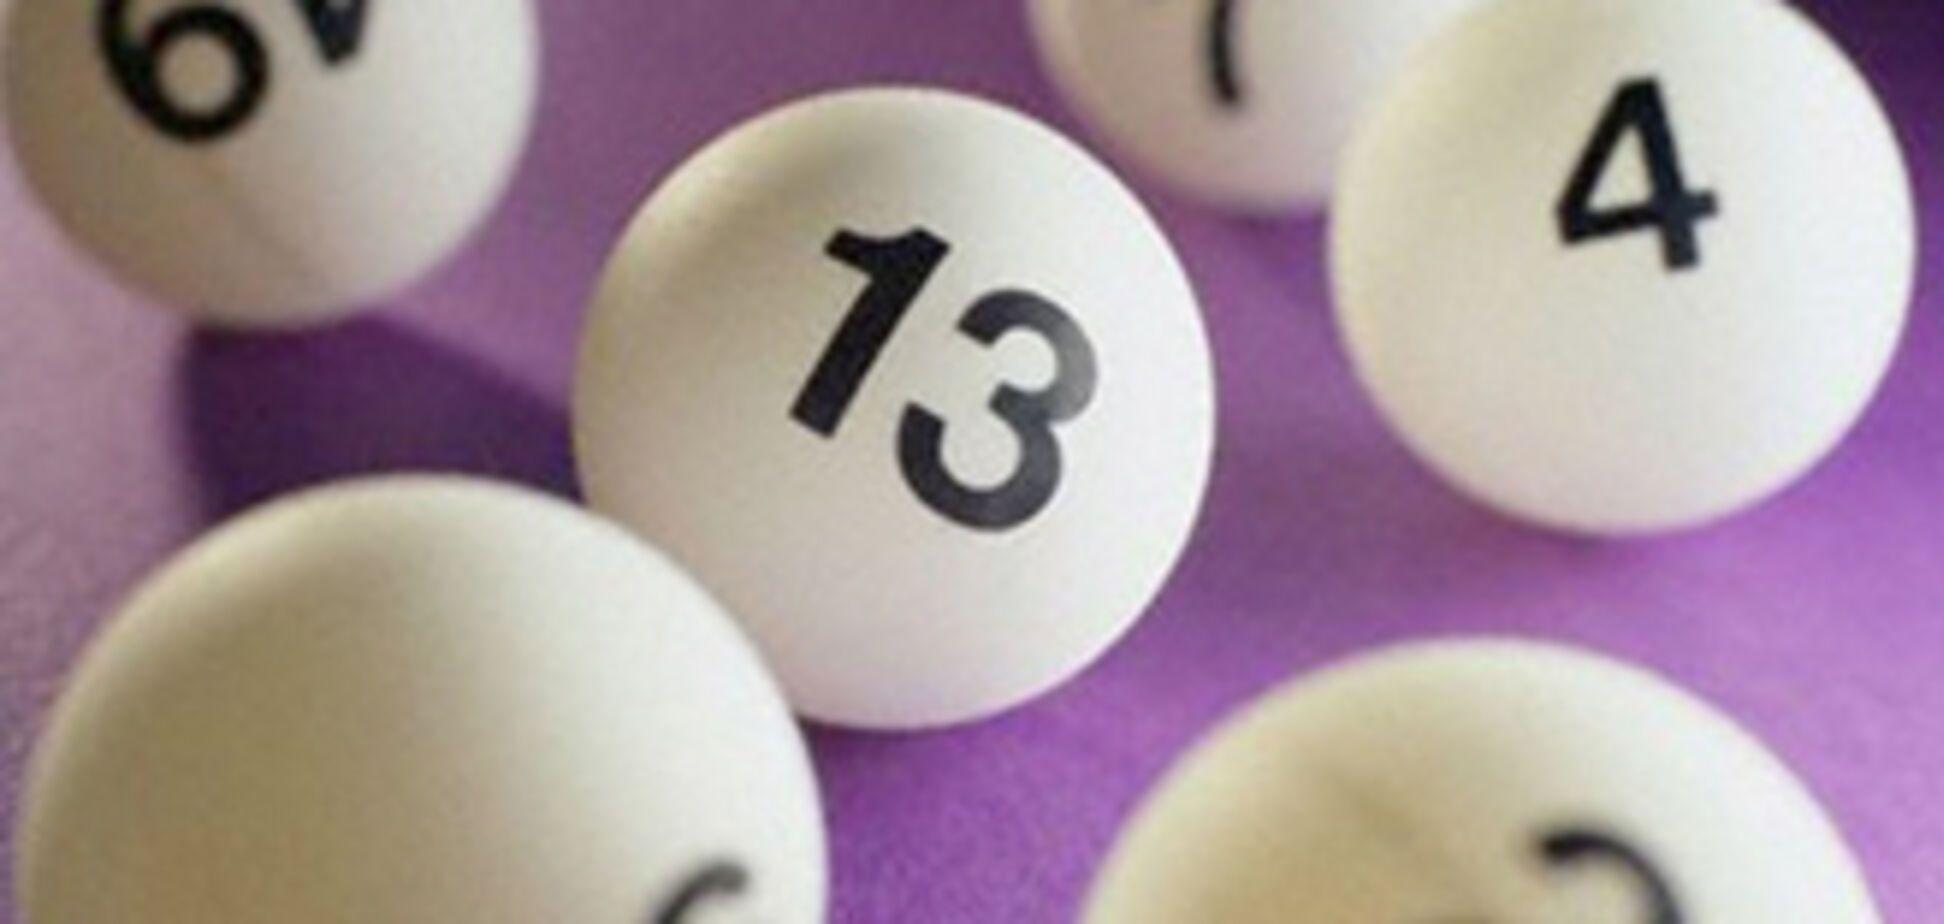 Переможці лотереї проігнорували виграш в 44 мільйони